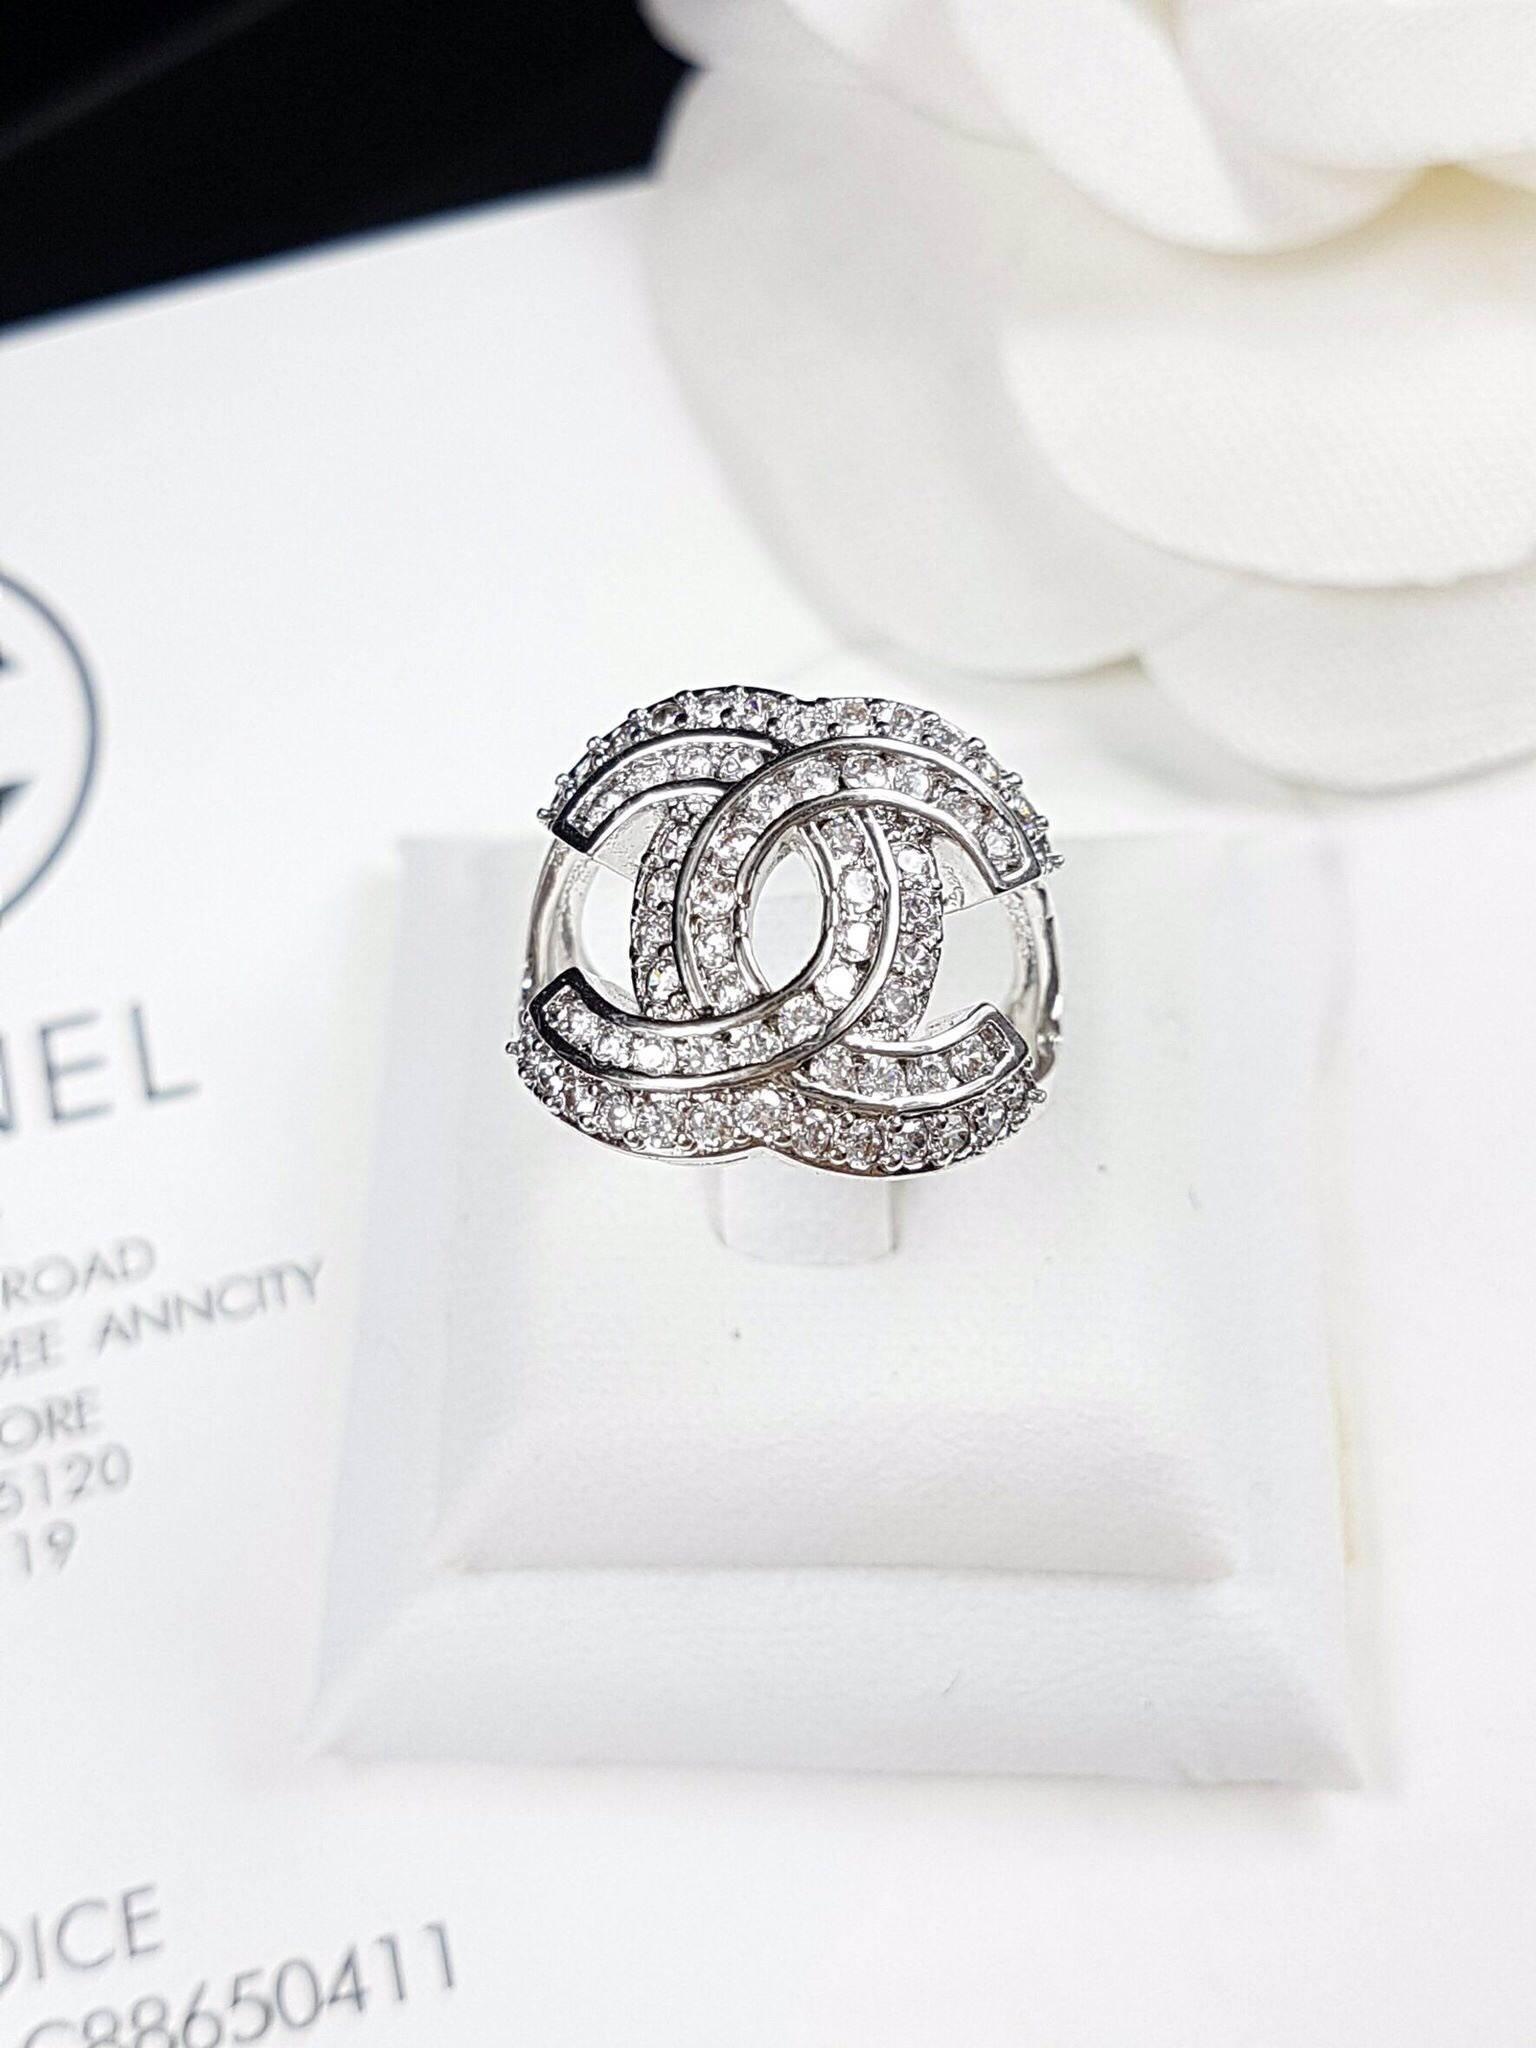 พร้อมส่ง Chanel Ring แหวนชาแนล